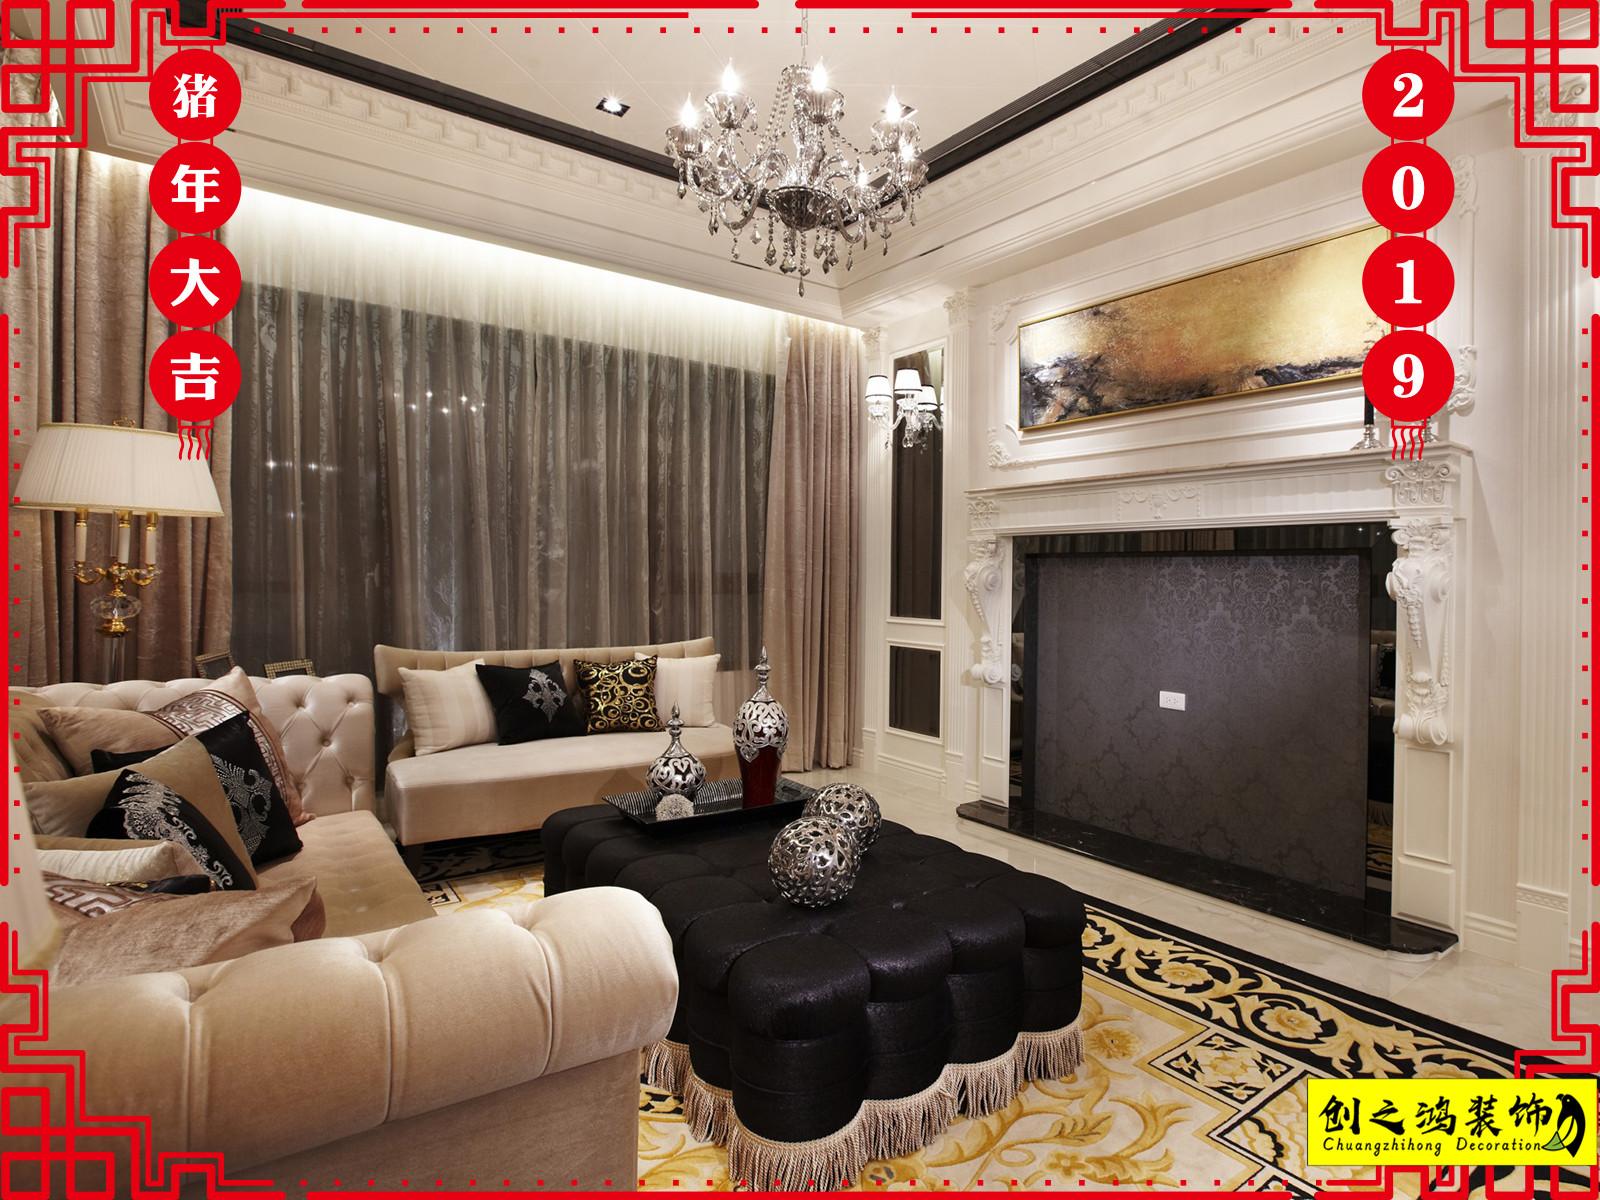 182㎡半湾半岛四室两厅新古典风格装修效果图